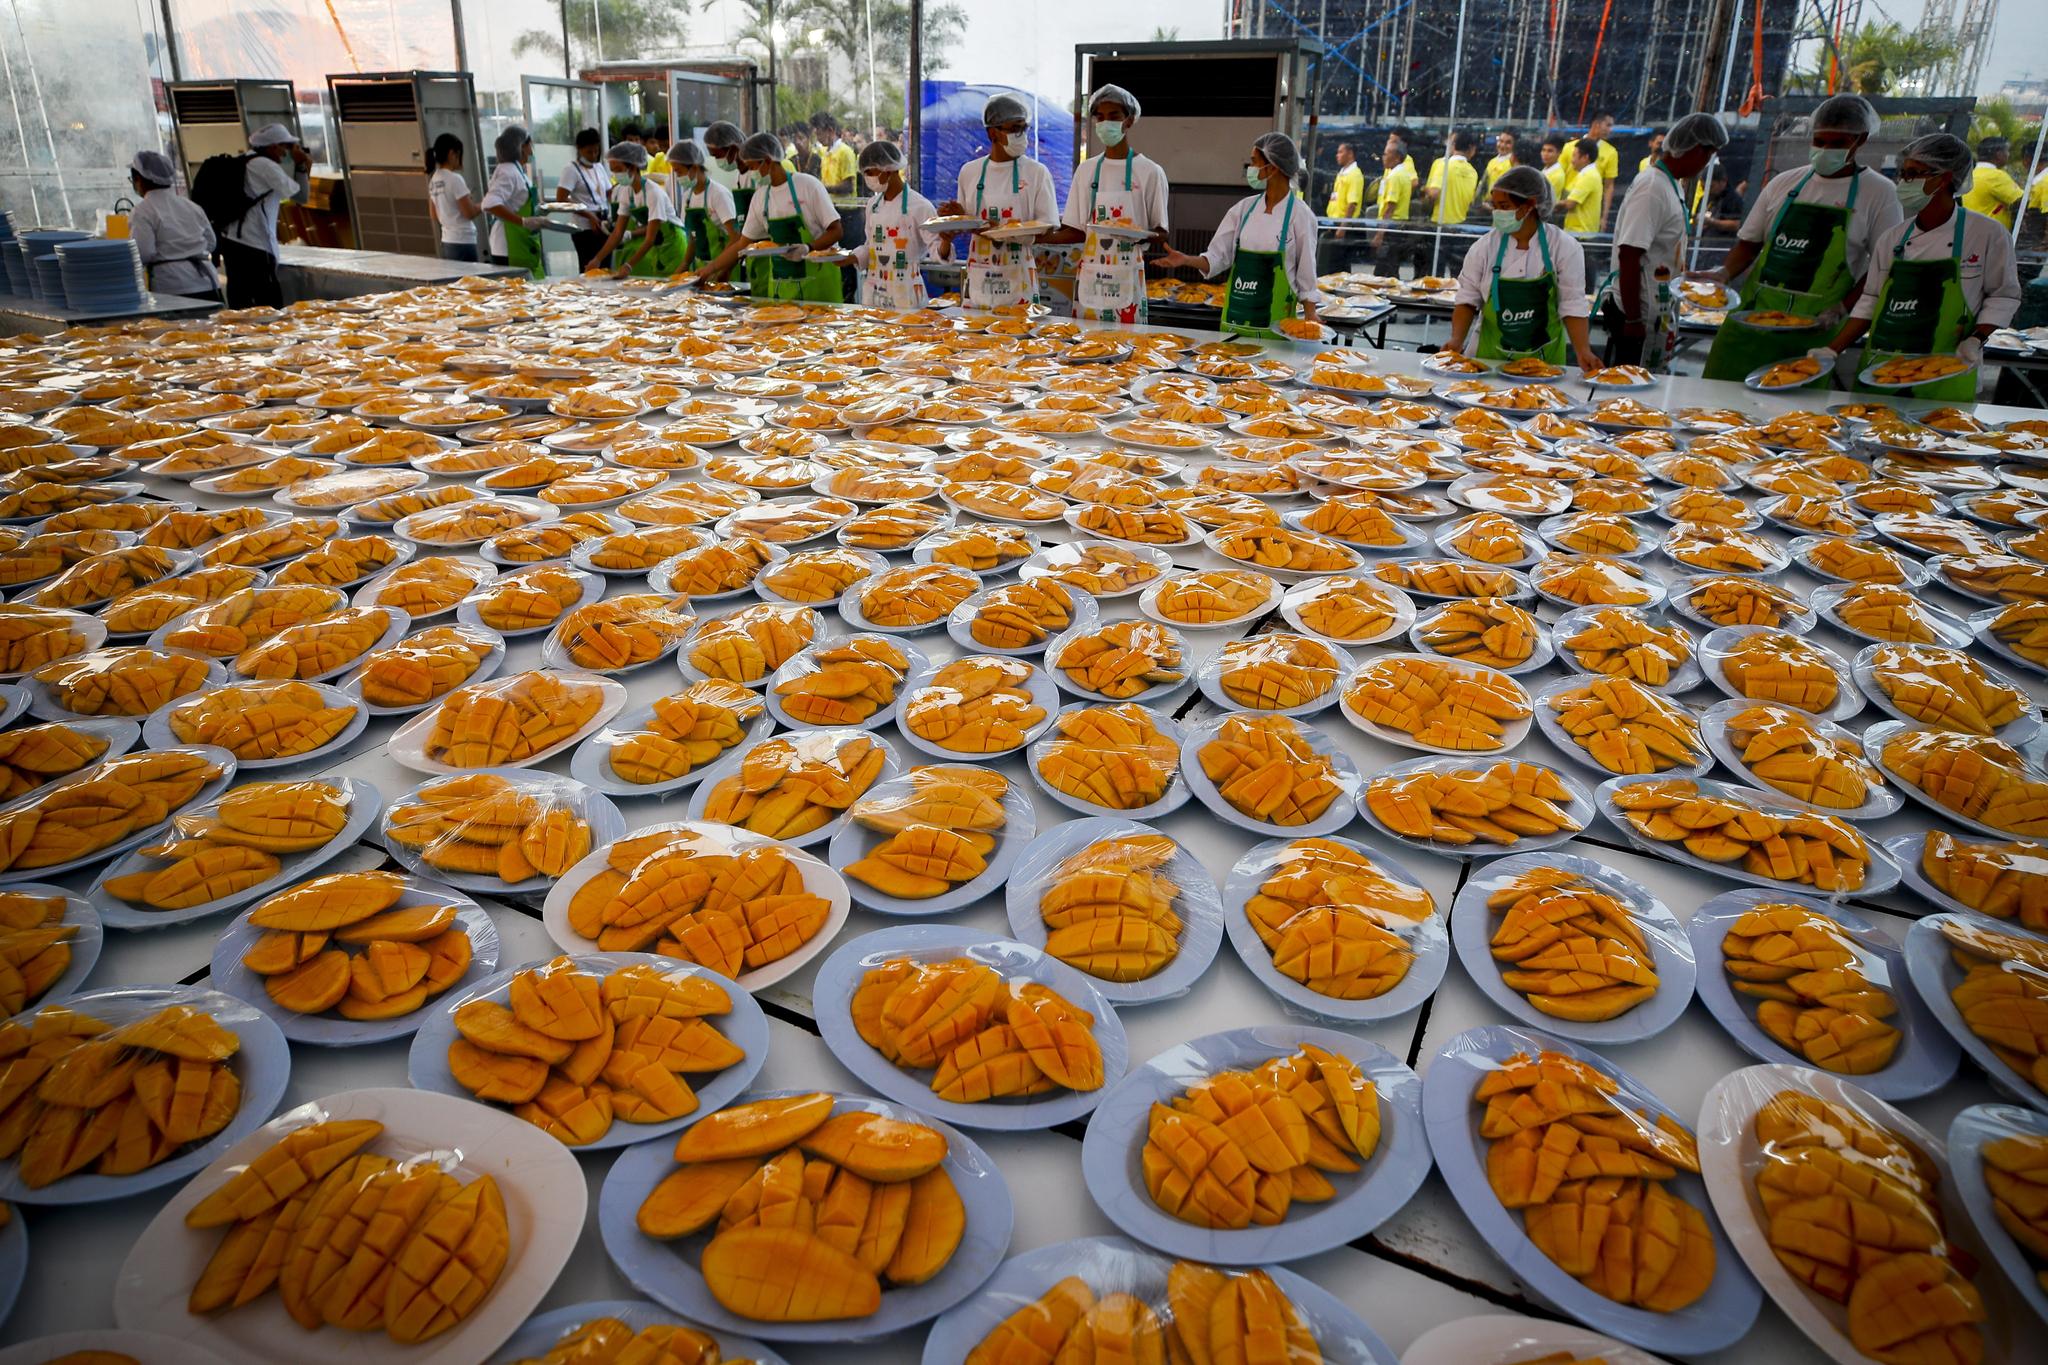 만명의 중국인 관광객이 20일 오후 태국 방콕에서 4500kg의 망고를 먹어치우는 사상 최대의 '망고파티'를 즐겼다. 이날 현지 요리사들이 망고음식을 준비하고 있다.[EPA=연합뉴스]